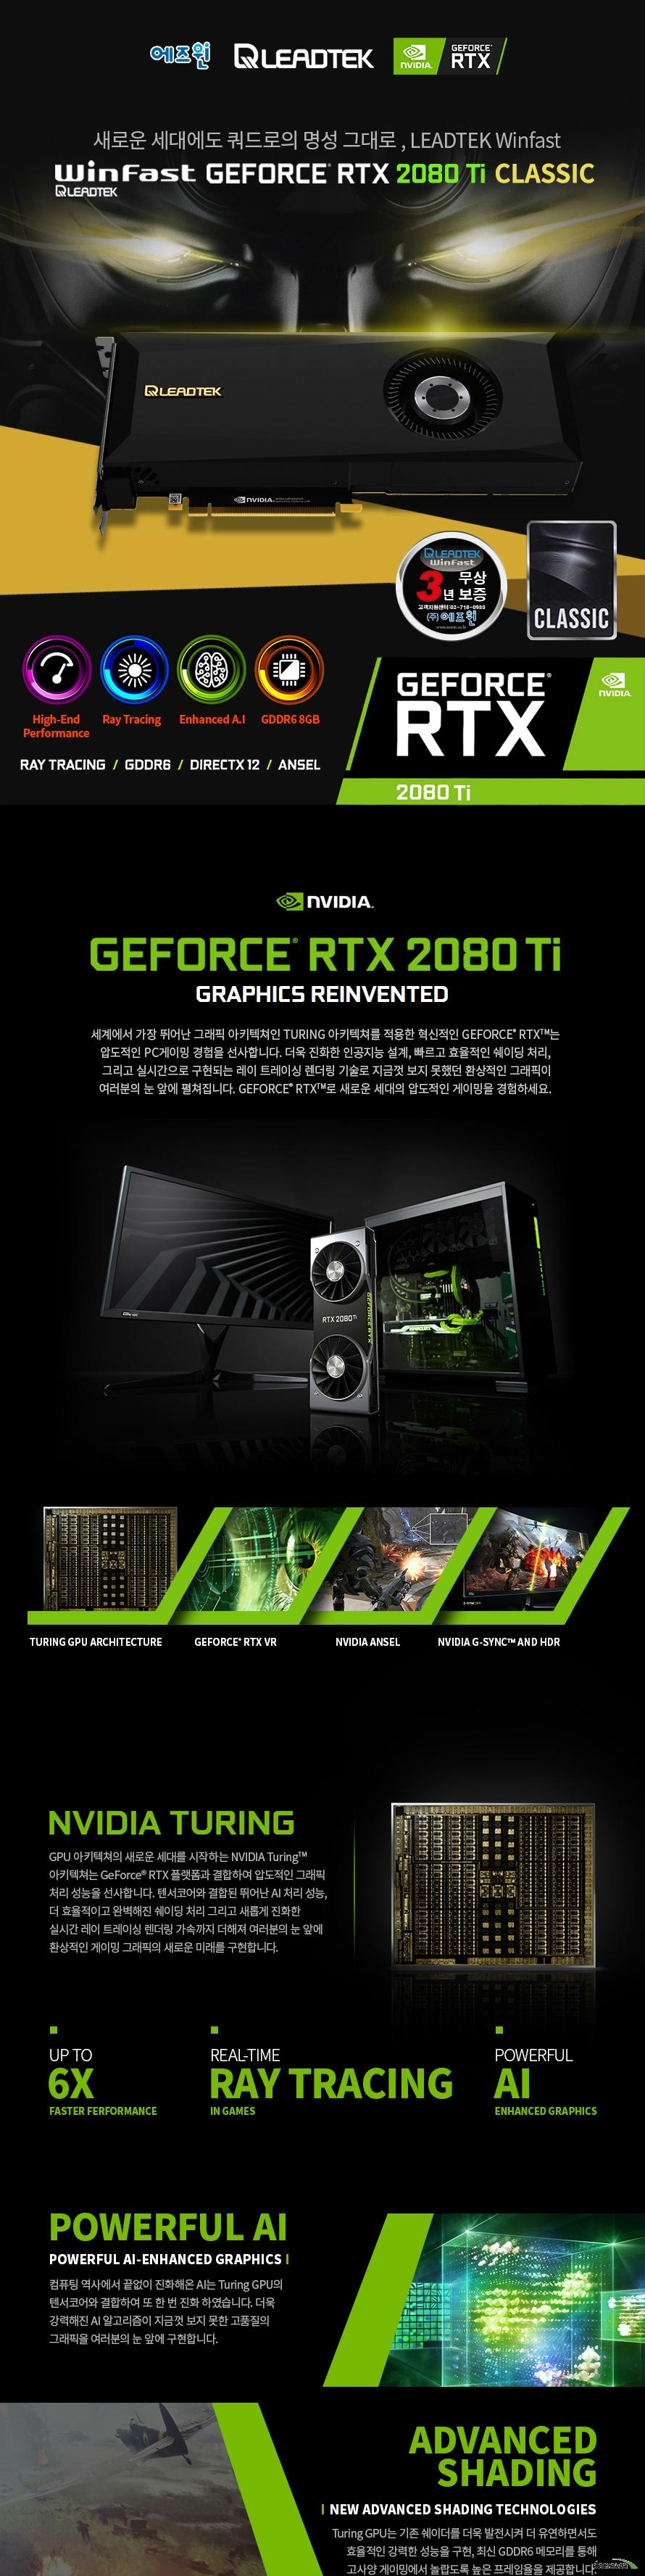 리드텍 Winfast 지포스 RTX 2080 Ti D6 11G CLASSIC 에즈윈  쿠다 코어 개수 4352개 베이스 클럭 1350 메가헤르츠 부스트 클럭 1545 메가헤르츠  메모리 버스 352비트 메모리 타입 GDDR6 11기가바이트 메모리 클럭 14000 메가 헤르츠  디스플레이 포트 듀얼링크 HDMI 2.0B 포트 1개 DP 1.4 포트 3개 Type-C 1개  최대 해상도  7680X4320 지원 최대 4대 멀티 디스플레이 지원  소비 전력 250와트 권장 전력 650와트 이상 8+8핀 전원 커넥터 사용  제품 크기  길이 267밀리미터 넓이 111밀리미터 두께 2슬롯  지원 KC 인증번호 R-R-ASW-LTRTX2080TIHU 쿨링 시스템  70밀리미터 블로어팬 알루미늄 히트싱크 구리히트베이스베이퍼챔버